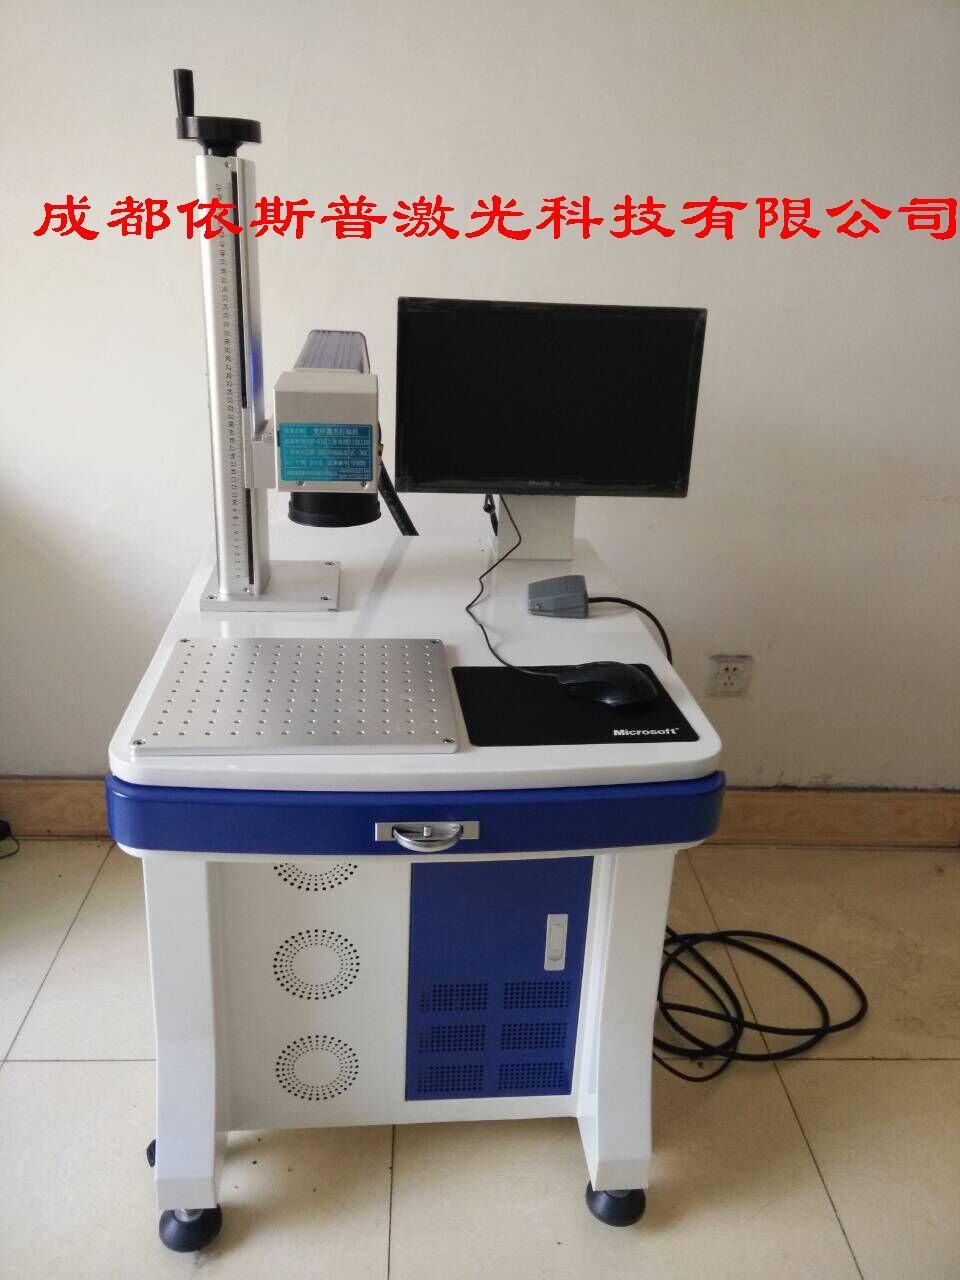 激光激光刻字机-激光激光刻字机批发、促销价格、... - 阿里巴巴